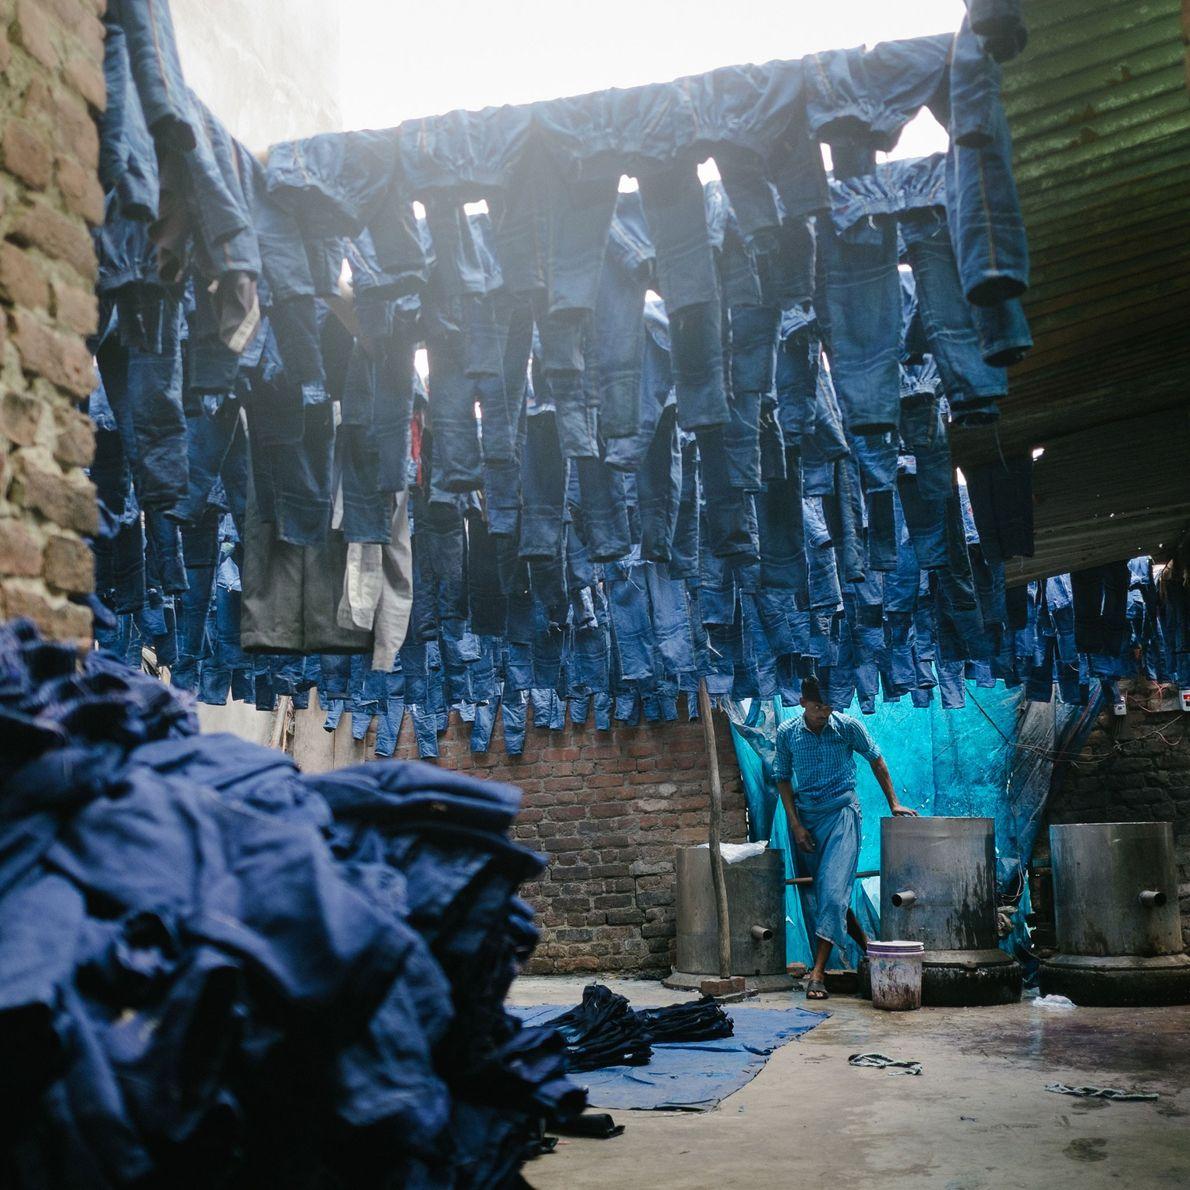 Fotografia de uma fábrica que tinge calças numa das zonas mais densamente povoadas e poluídas zonas ...